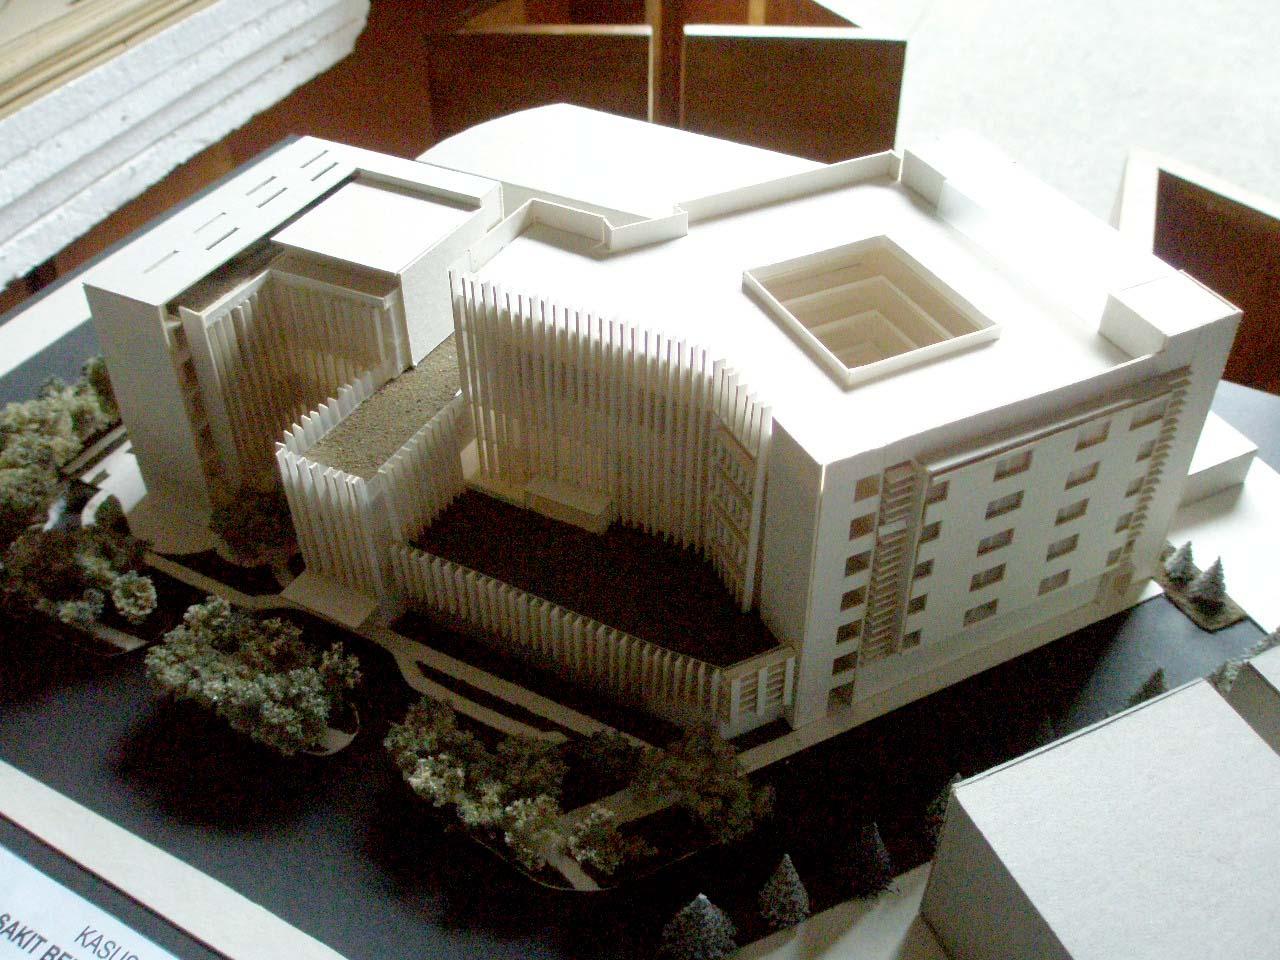 Warna Warni Pameran Dan Presentasi Tugas Akhir Arsitektur Untuk Wisuda April 2009 Institut Teknologi Bandung